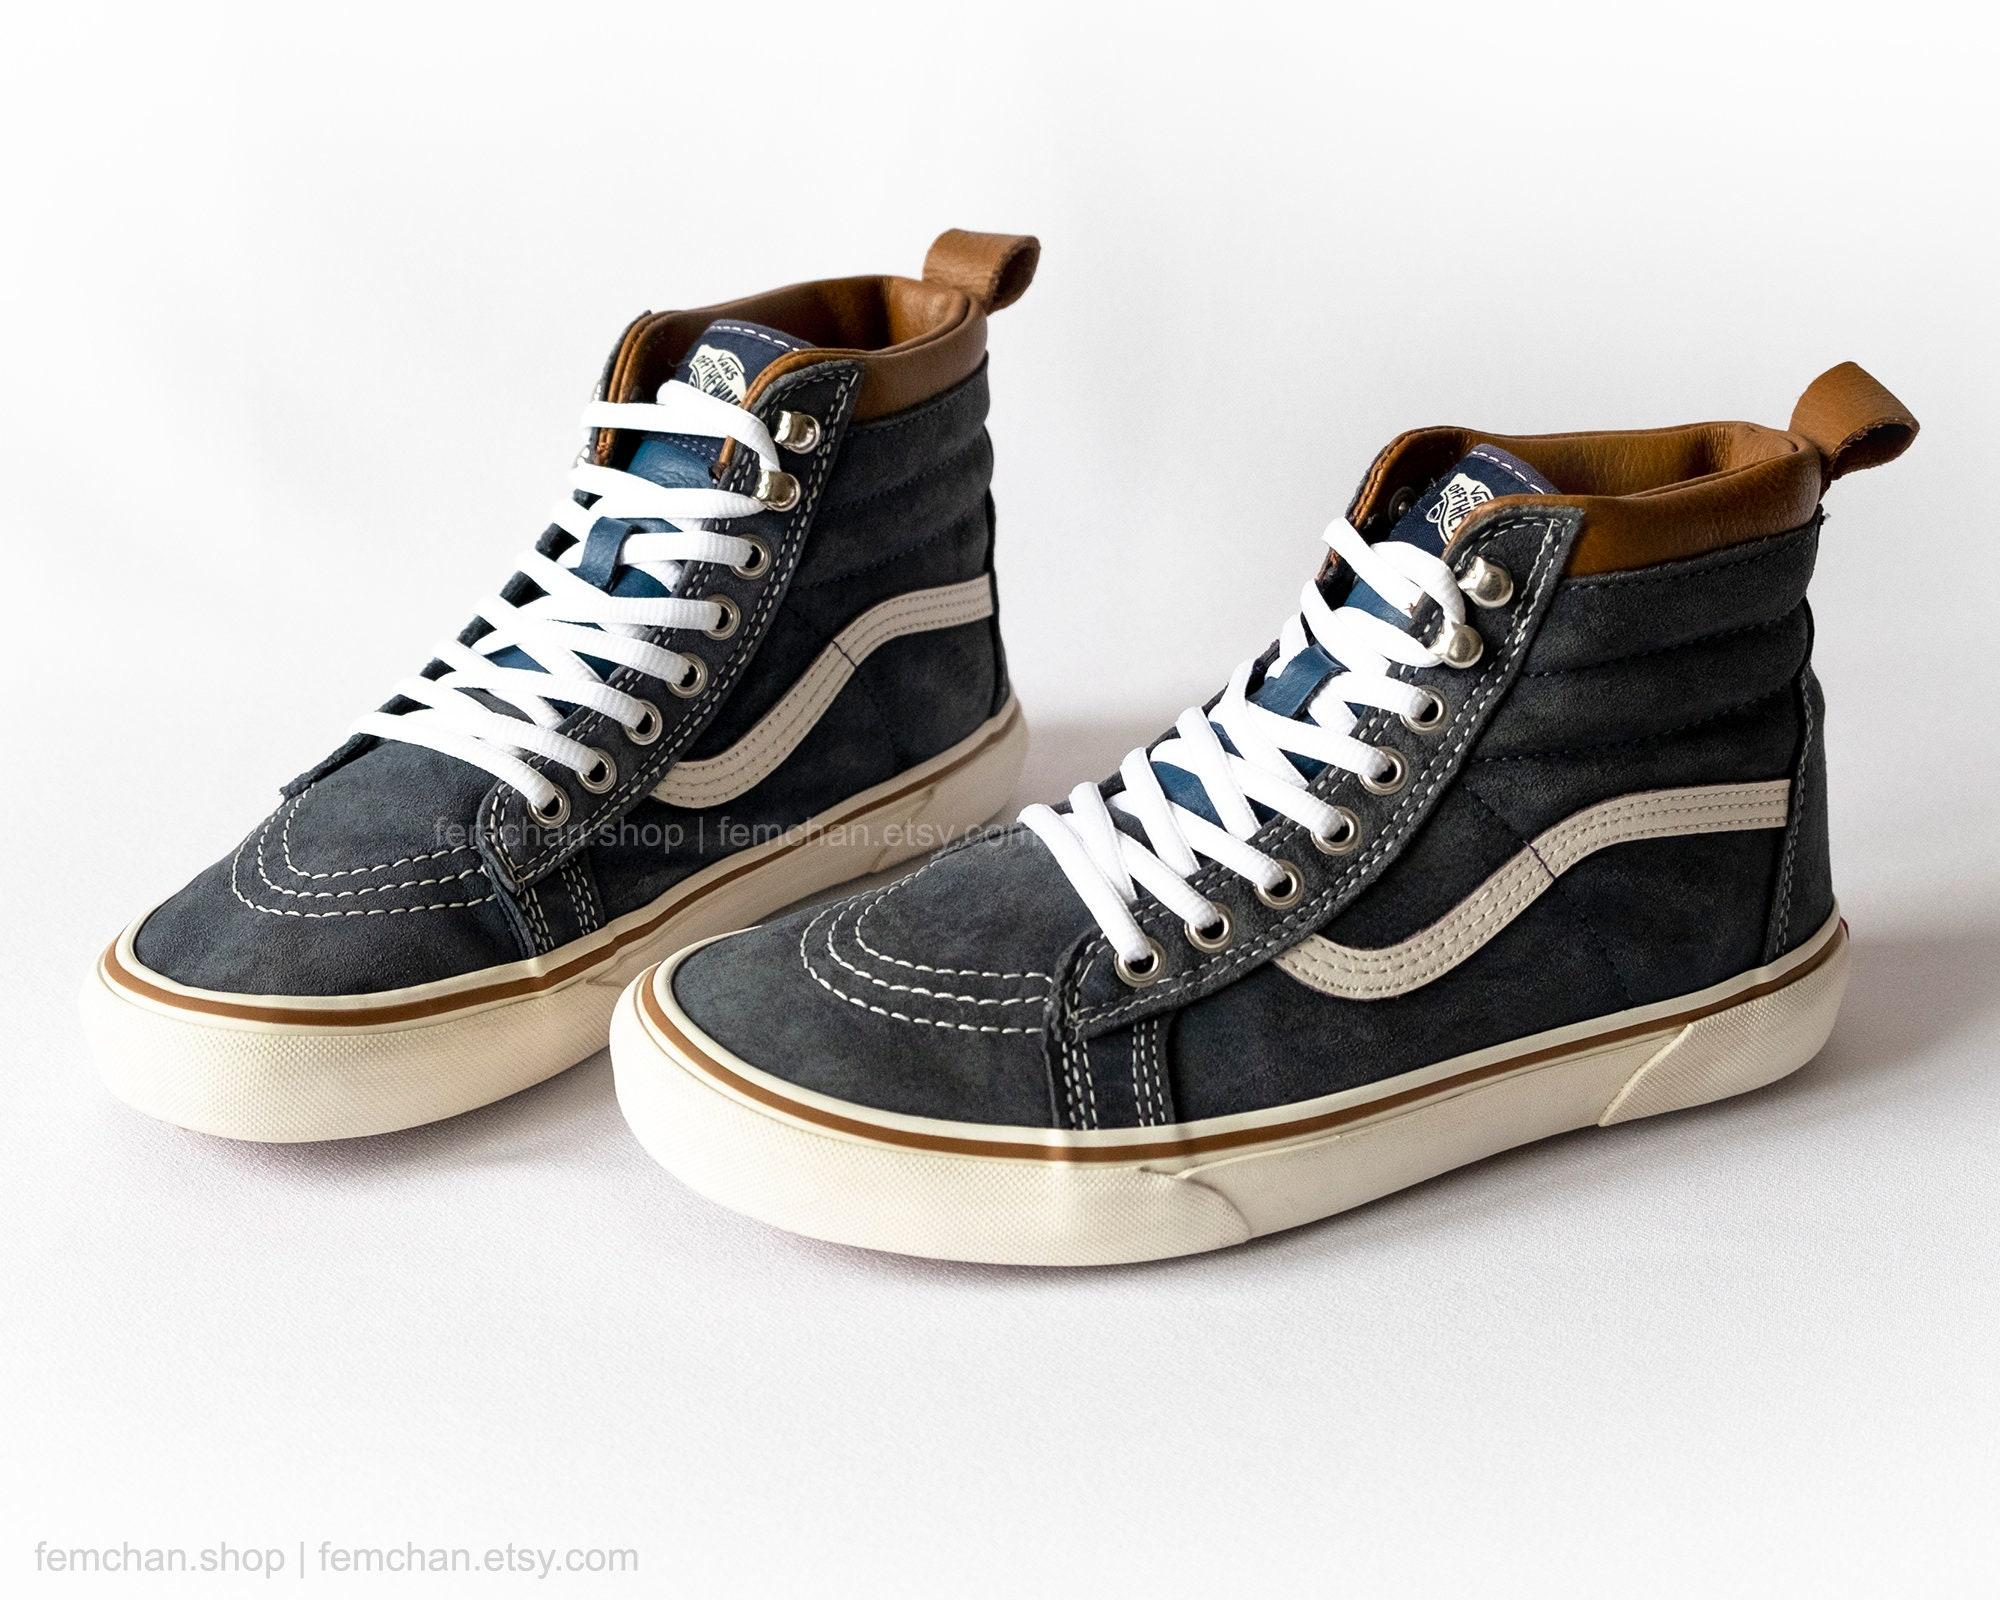 f011e2fb51d Vans Sk8-Hi MTE leather high tops suede skate shoes vintage